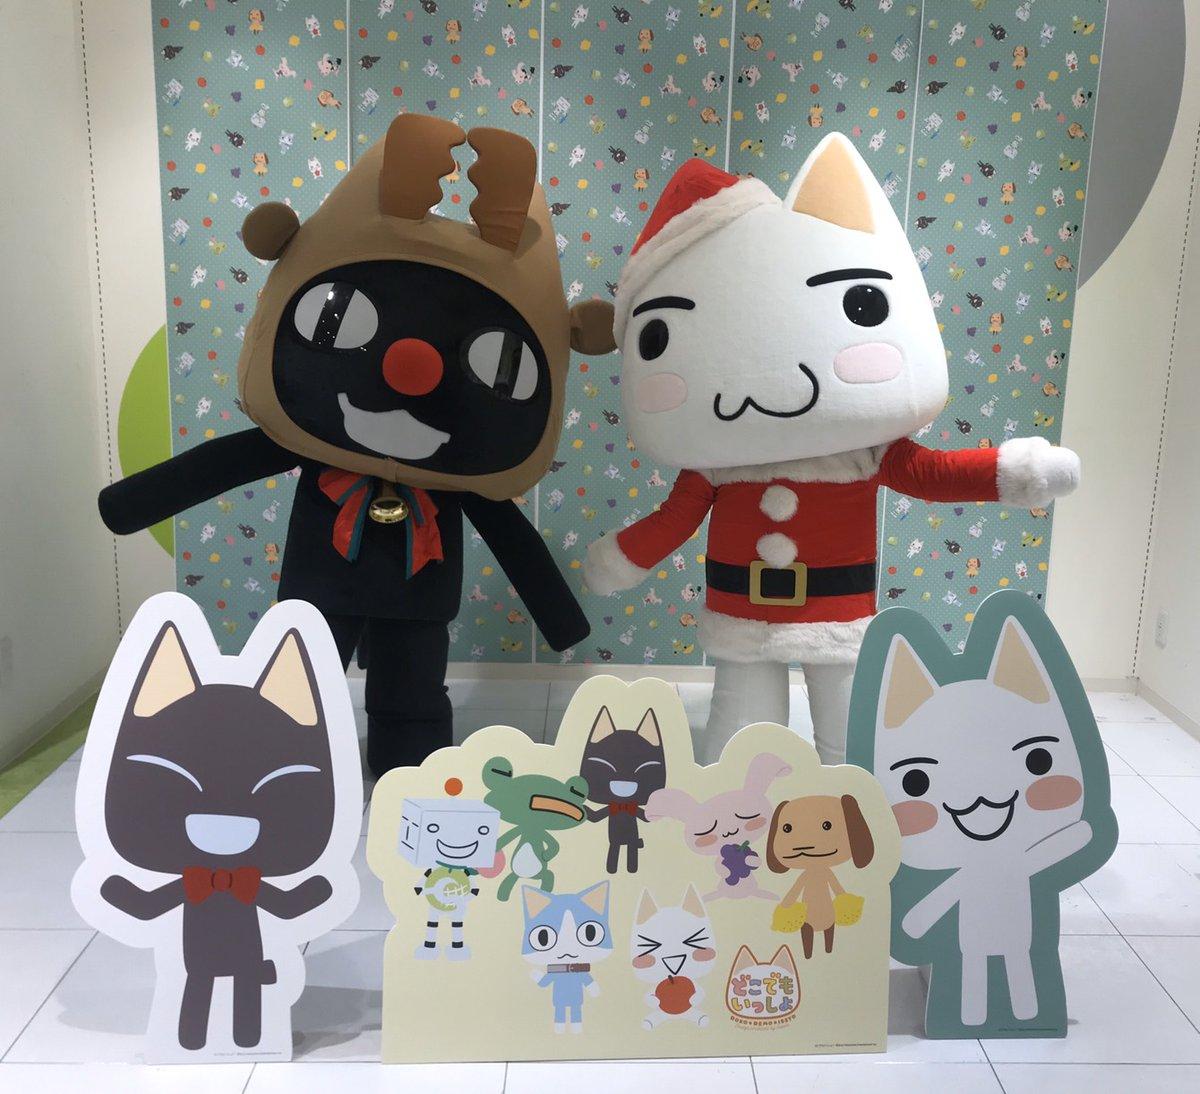 RT @toro_manager: 新宿マルイアネックス6F「どこでもいっしょパティオ」で生トロ・生クロのグリーティング行っています〜! クリスマス衣装で登場です♪♪  #どこでもいっしょ https://t.co/0hgaZLMVC3